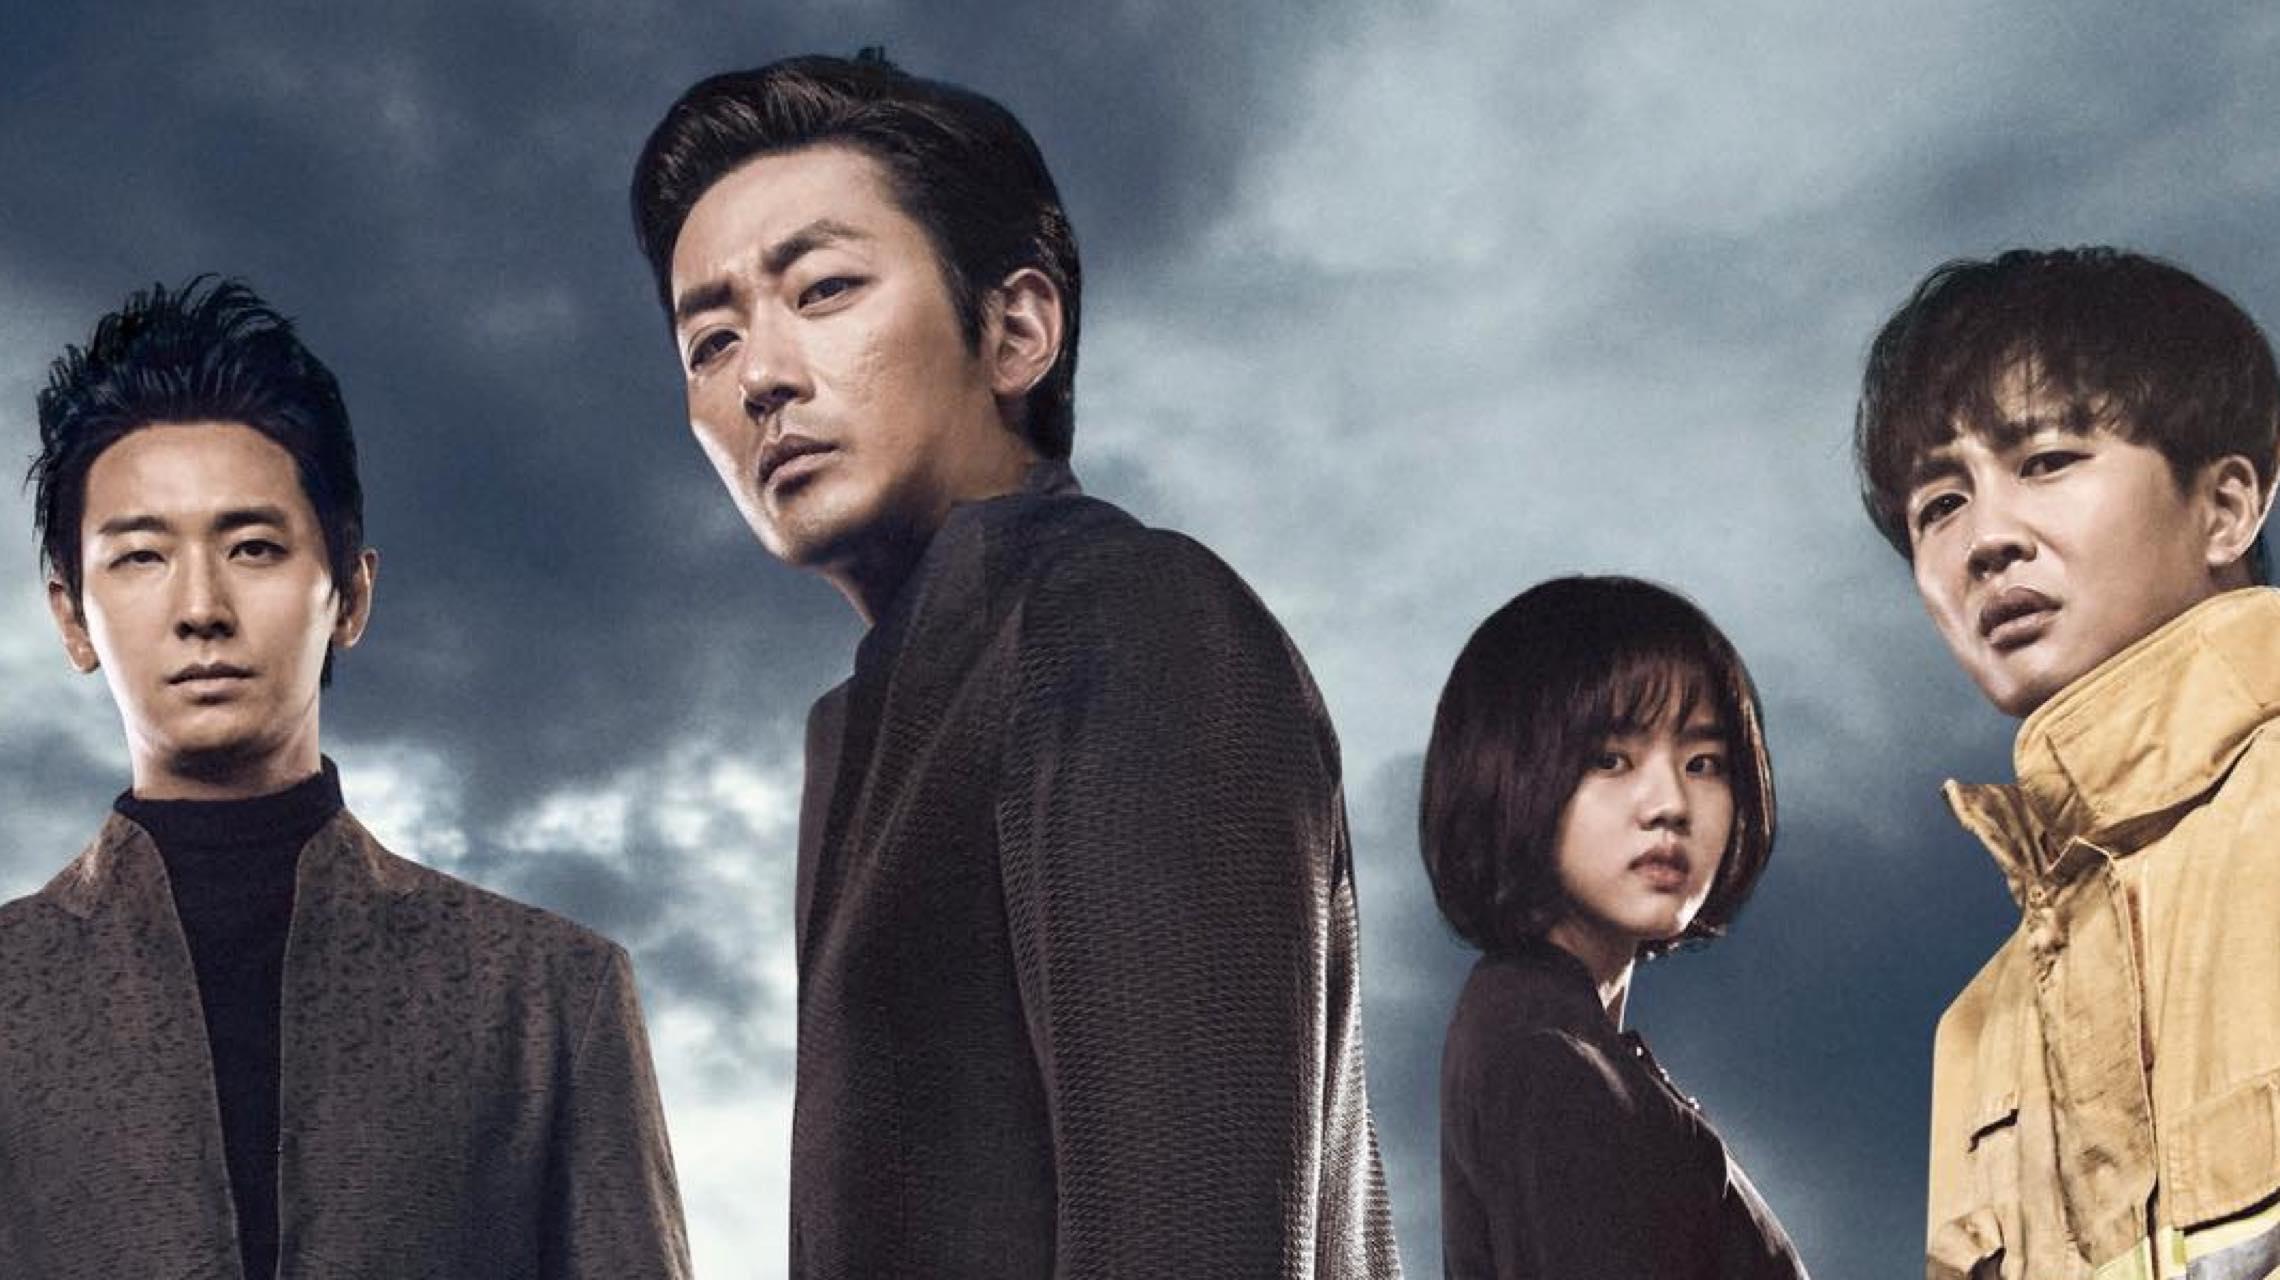 韓国の人気コミック原作映画が描く「死後の世界」に、そうきたか!とザワつく!